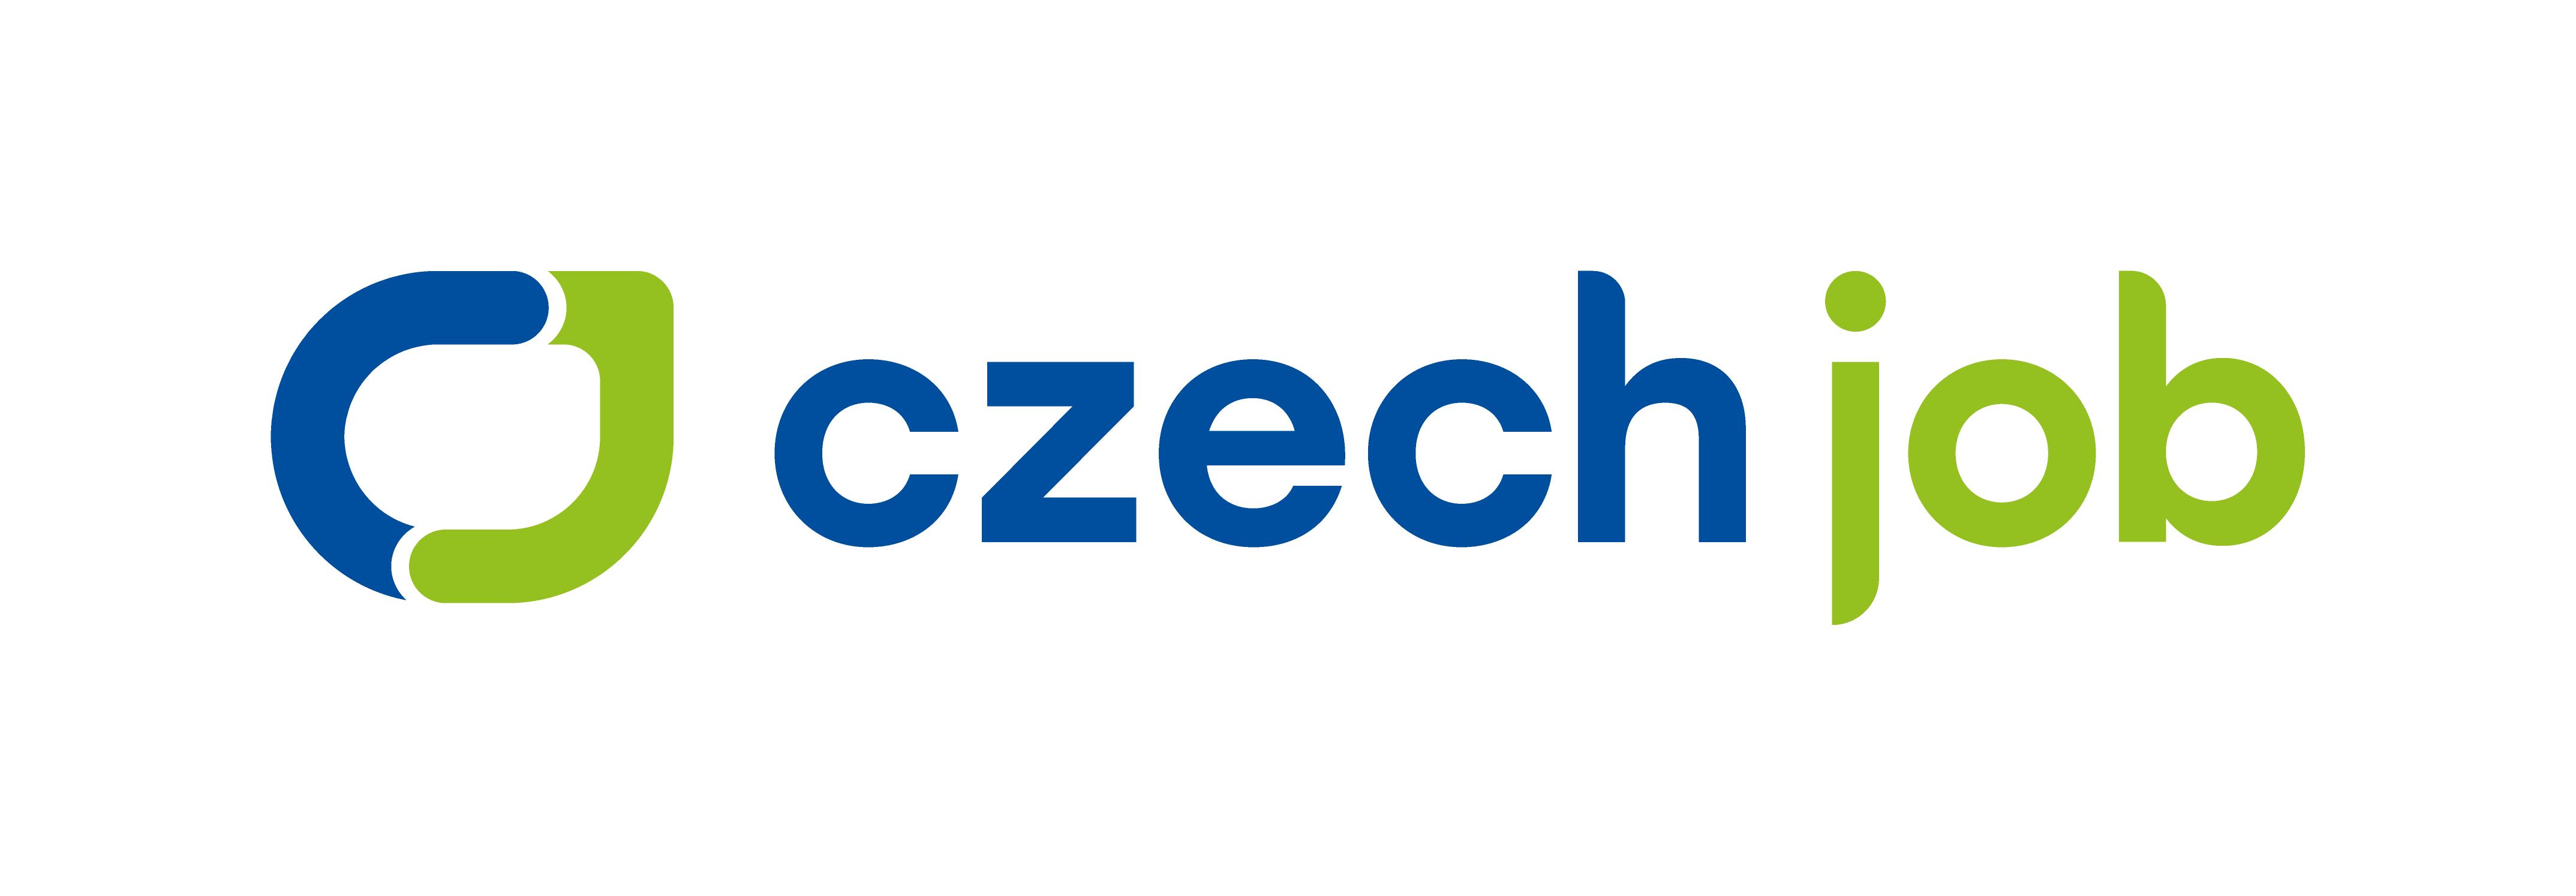 Czech Job